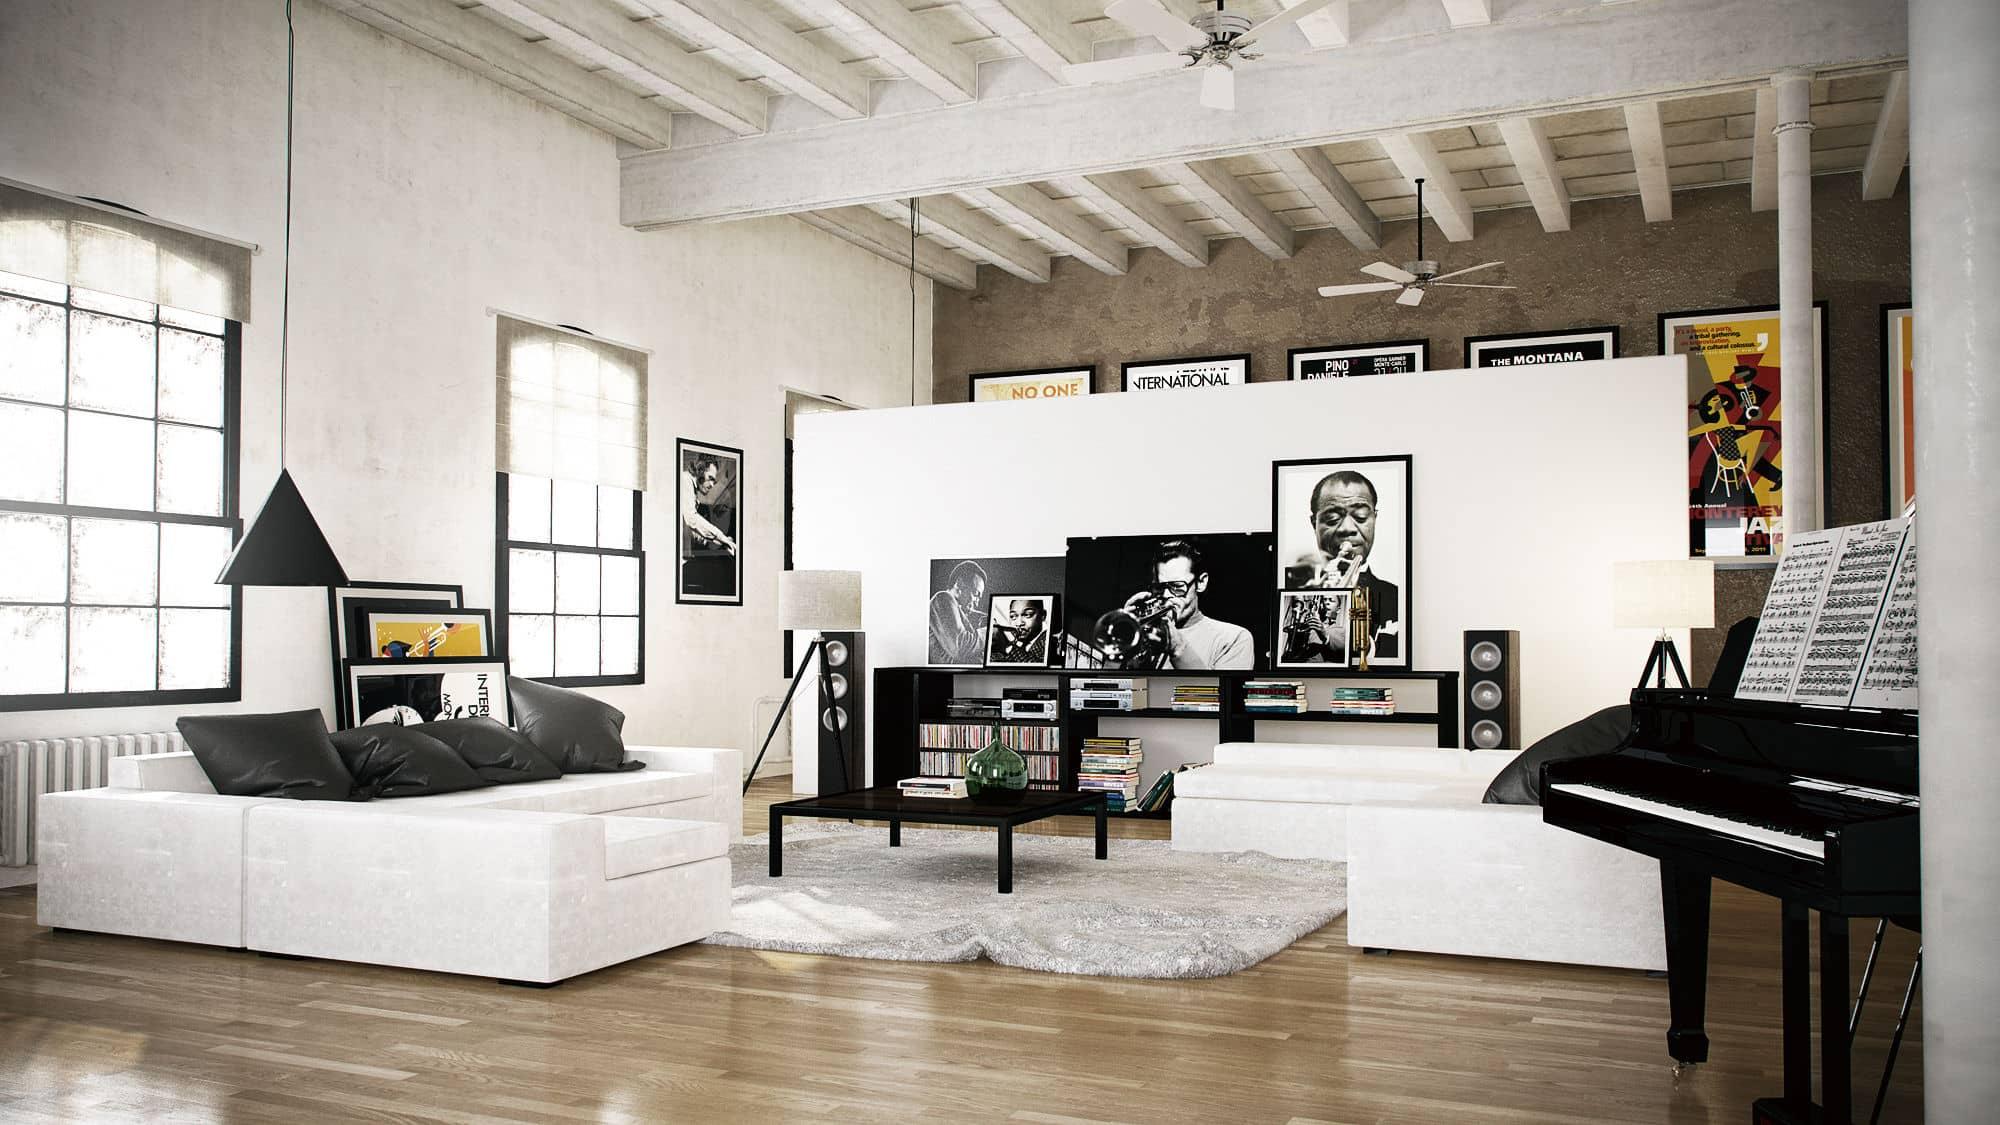 d coration d 39 un loft rez 44 permis de construire d claration de travaux pixela. Black Bedroom Furniture Sets. Home Design Ideas